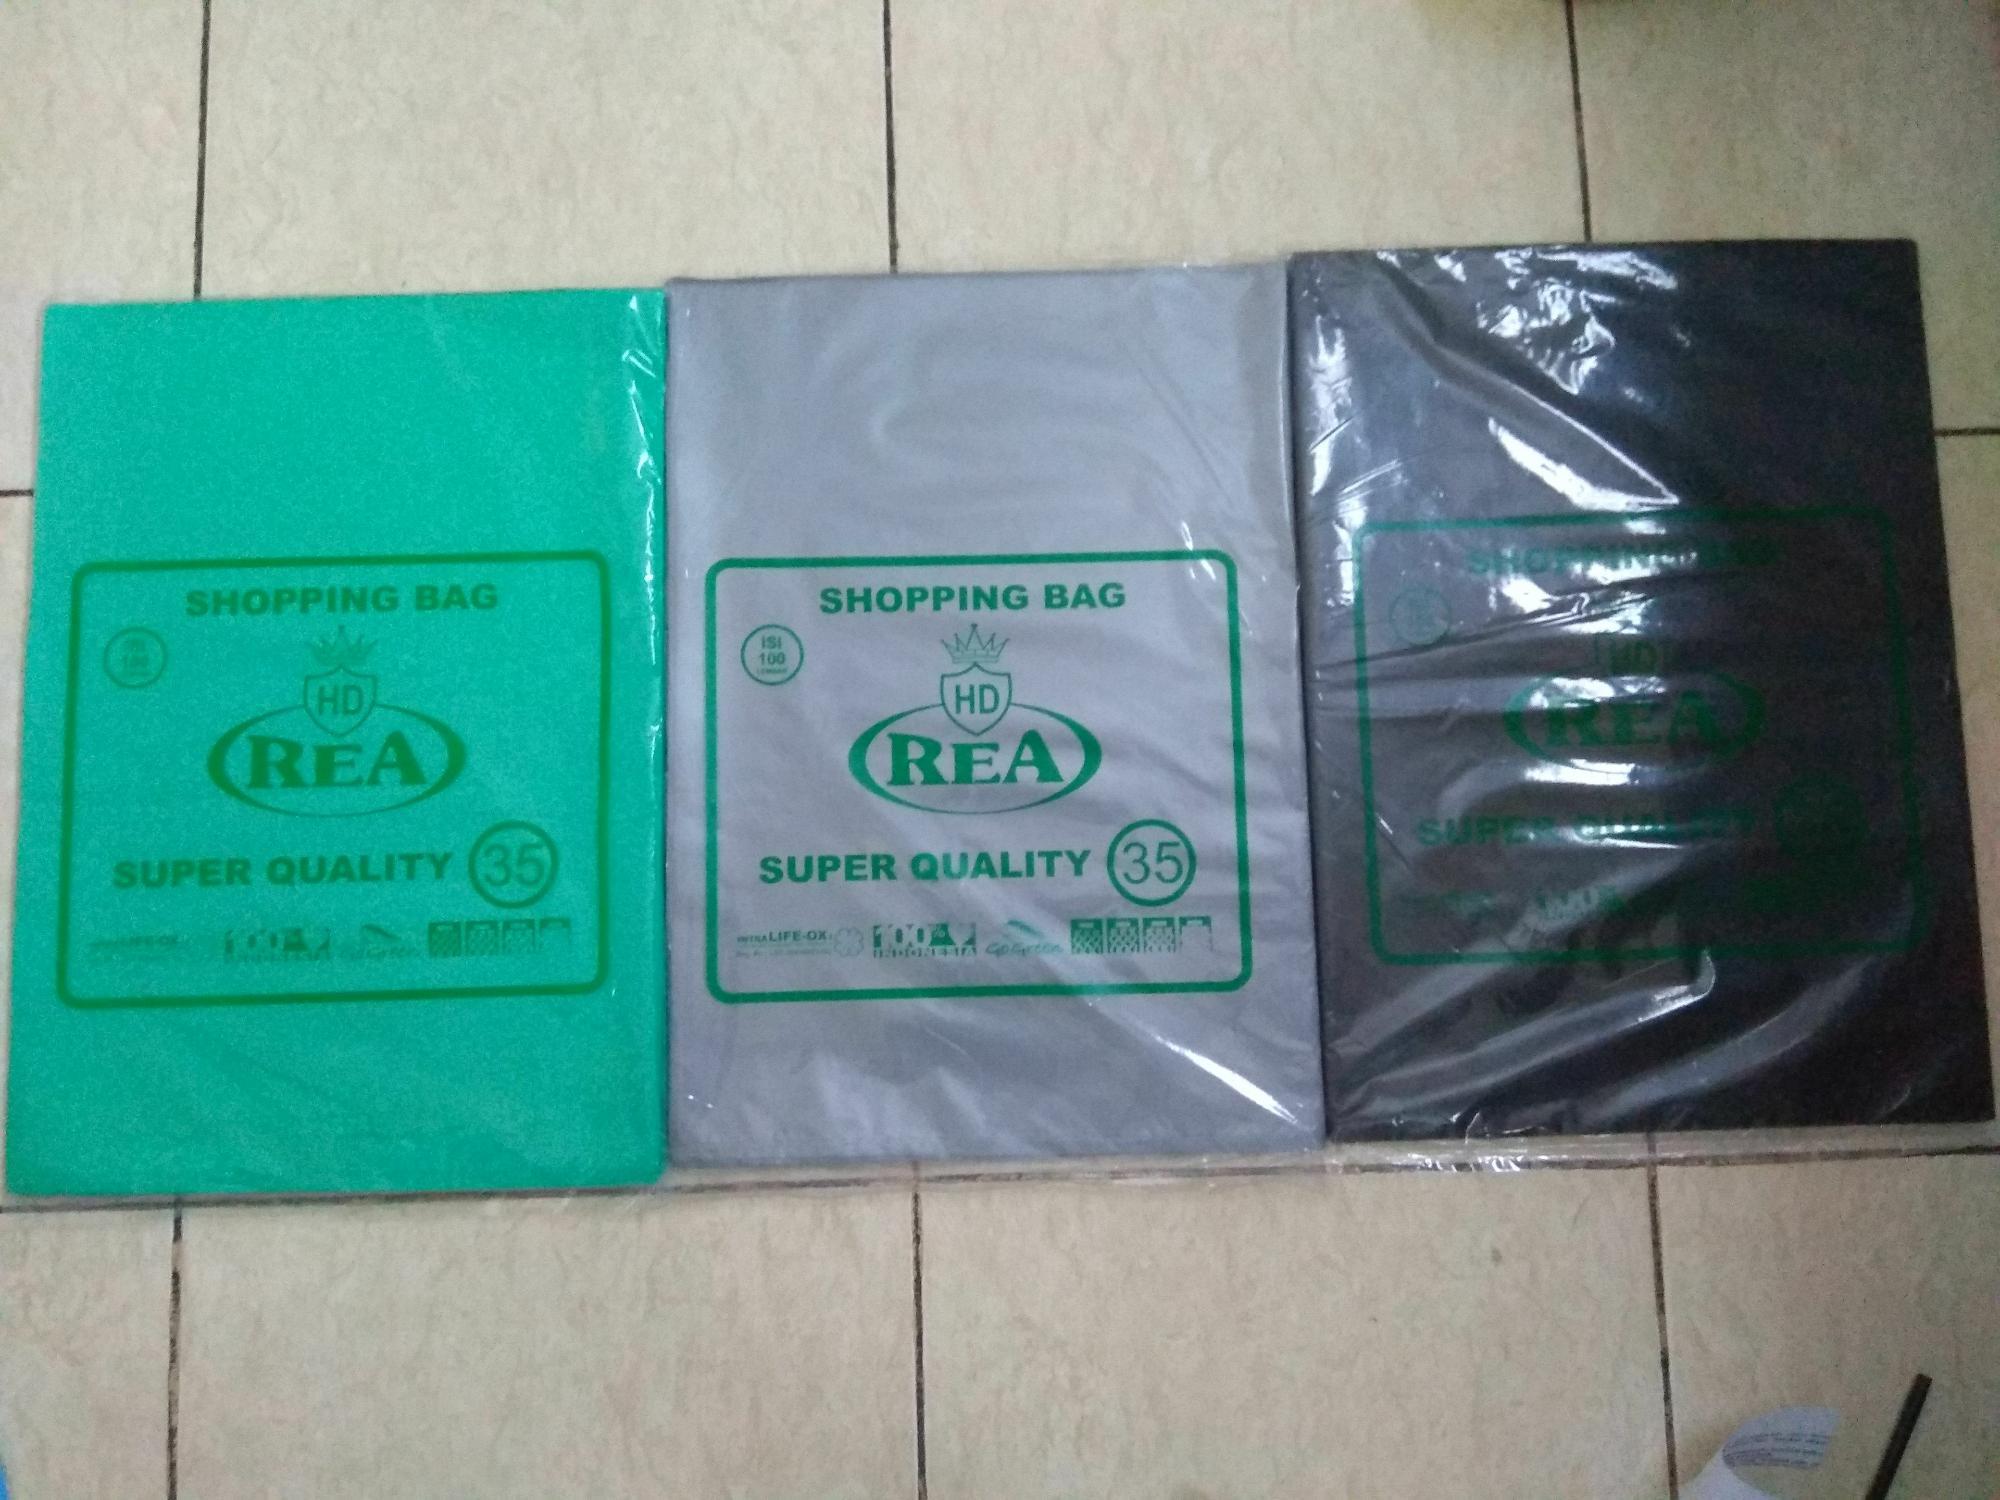 Plastik Tanpa Pond 35x50 Untuk Online Shop Shopping Bag